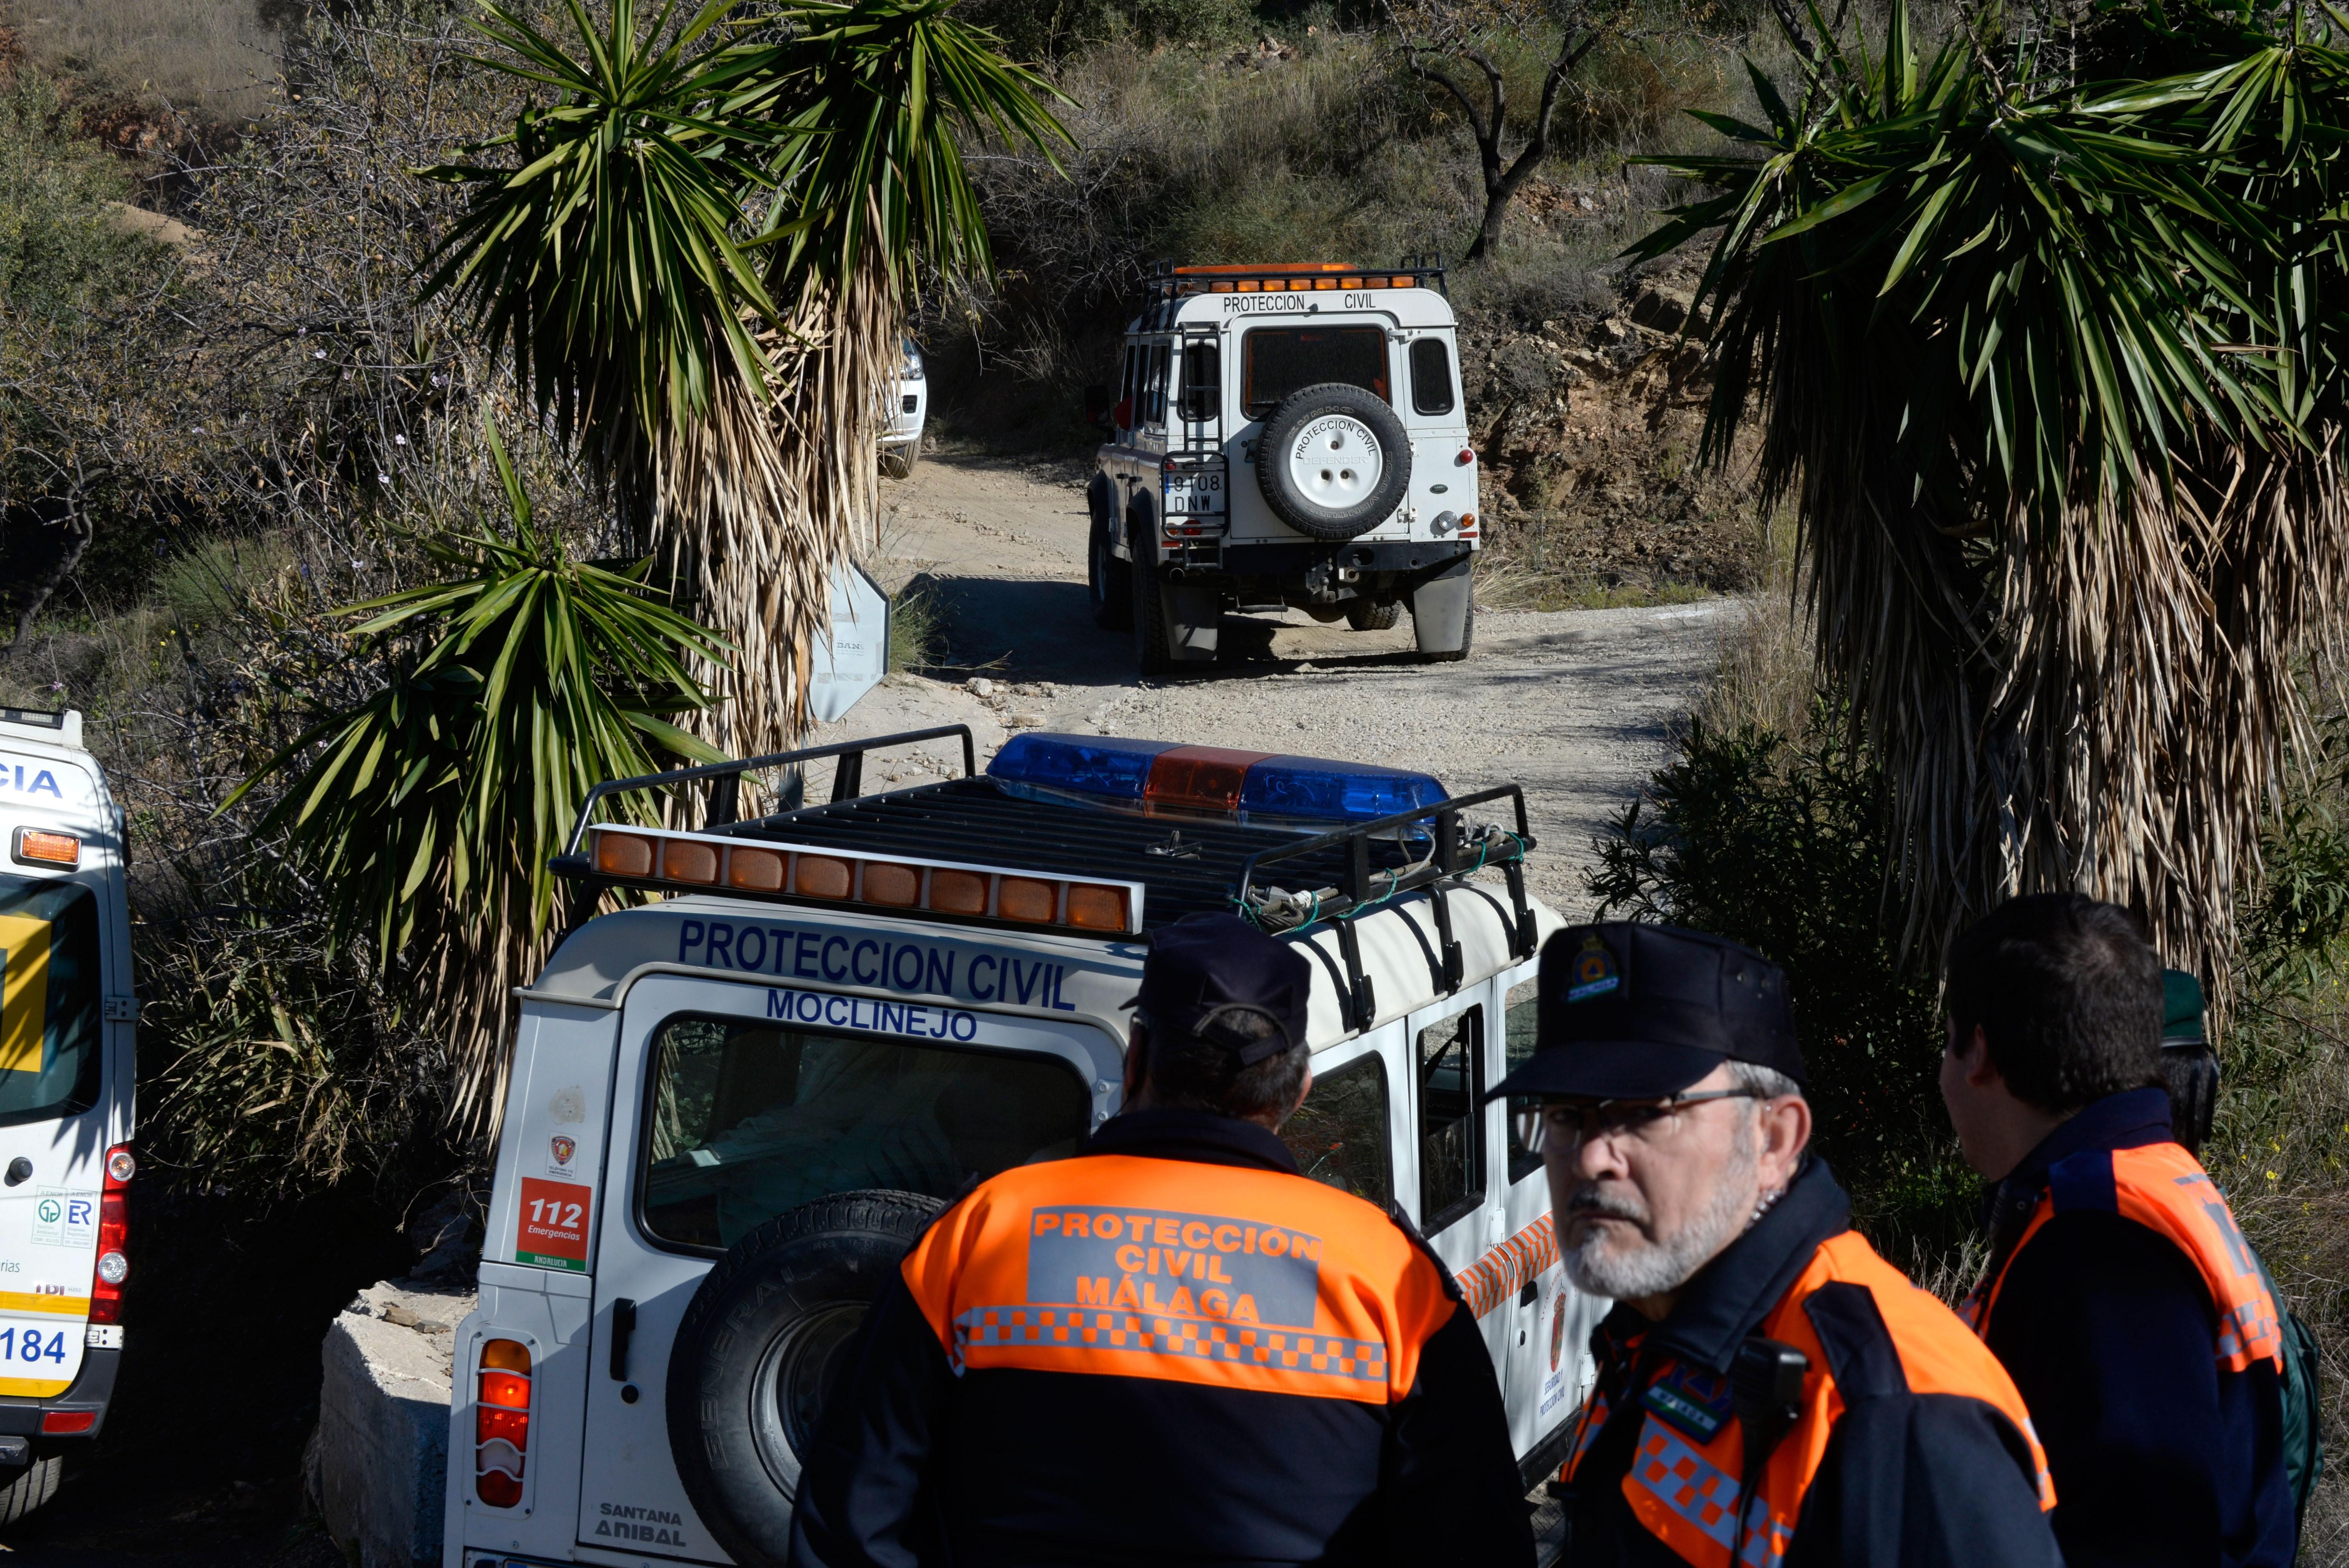 Resgatistas encontram cabelo de criança que caiu em poço na Espanha